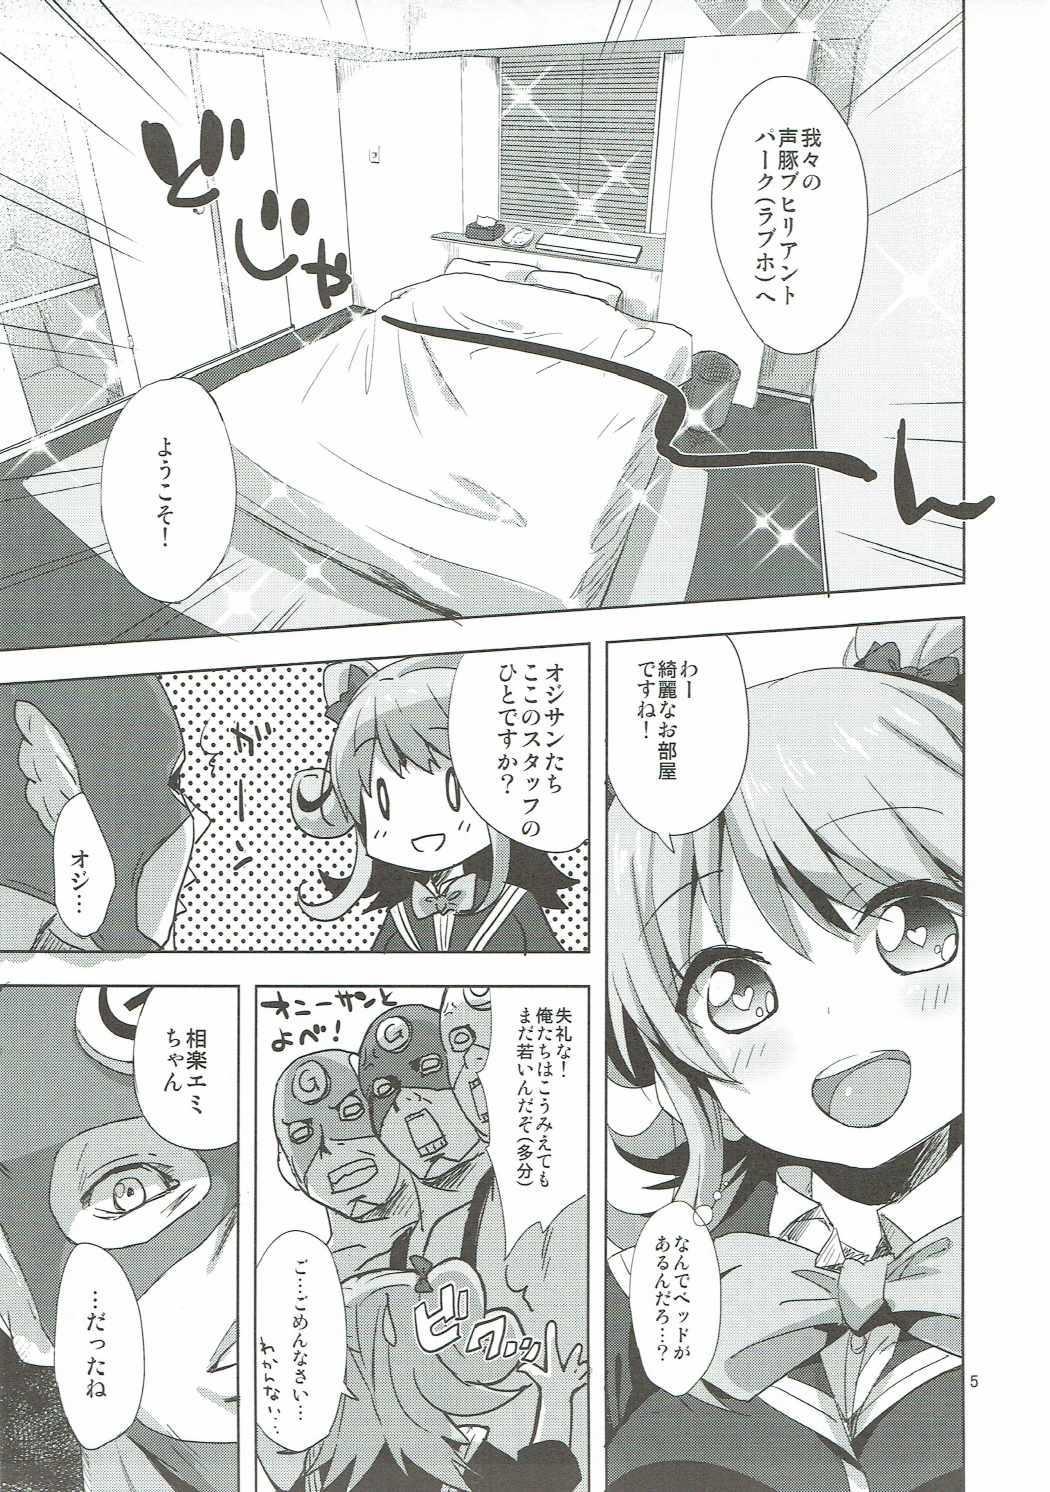 Machi de Mikaketa Kyonyuu Performer Sagara Emi-chan ga Chou Ero Kawaikatta node Damashite Love Hotel ni Tsurekonde Nakadashi Sex Shichau Hon 3